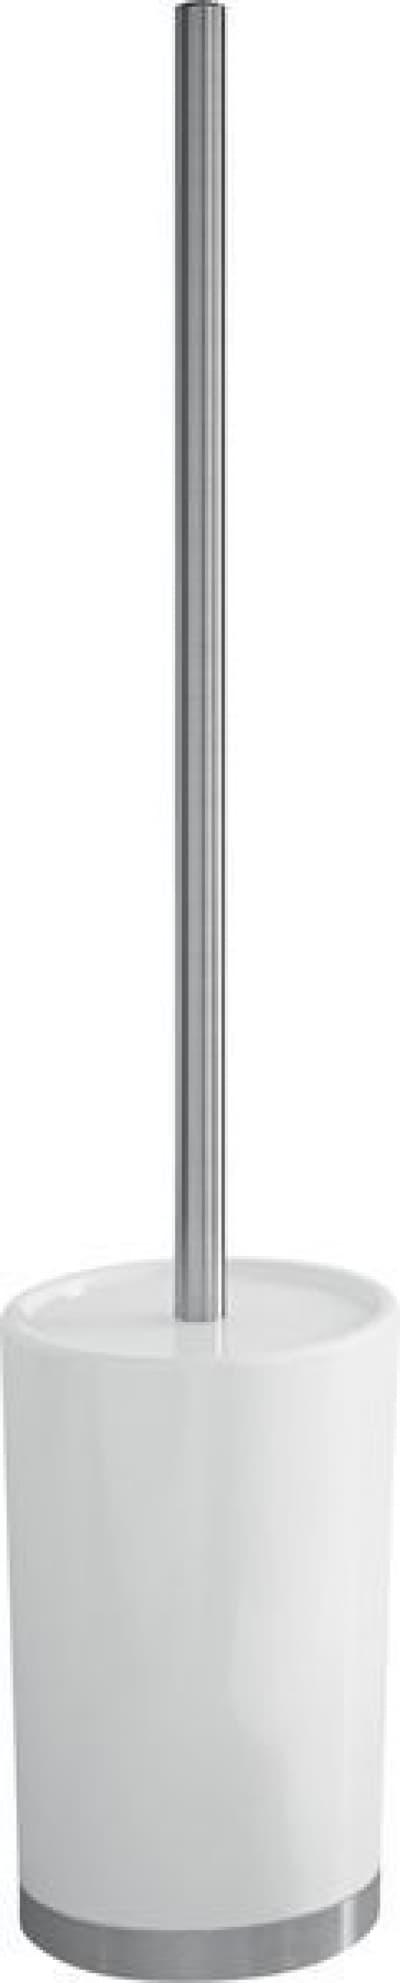 Gedy G-Petunia, напольный керамический ёршик для унитаза, цвет хром - белая керамика PE33(02)